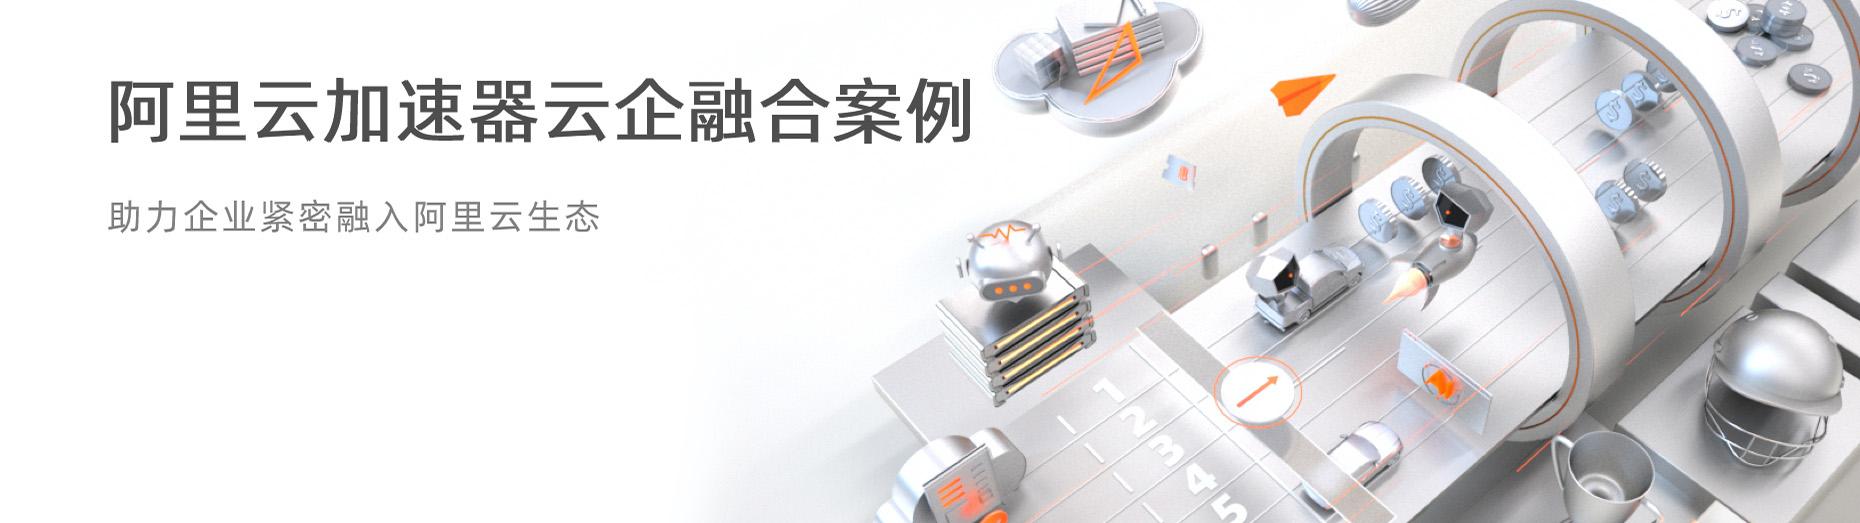 万创科技城站,阿里云,阿里云创新中心,湖南创业,湘潭创新